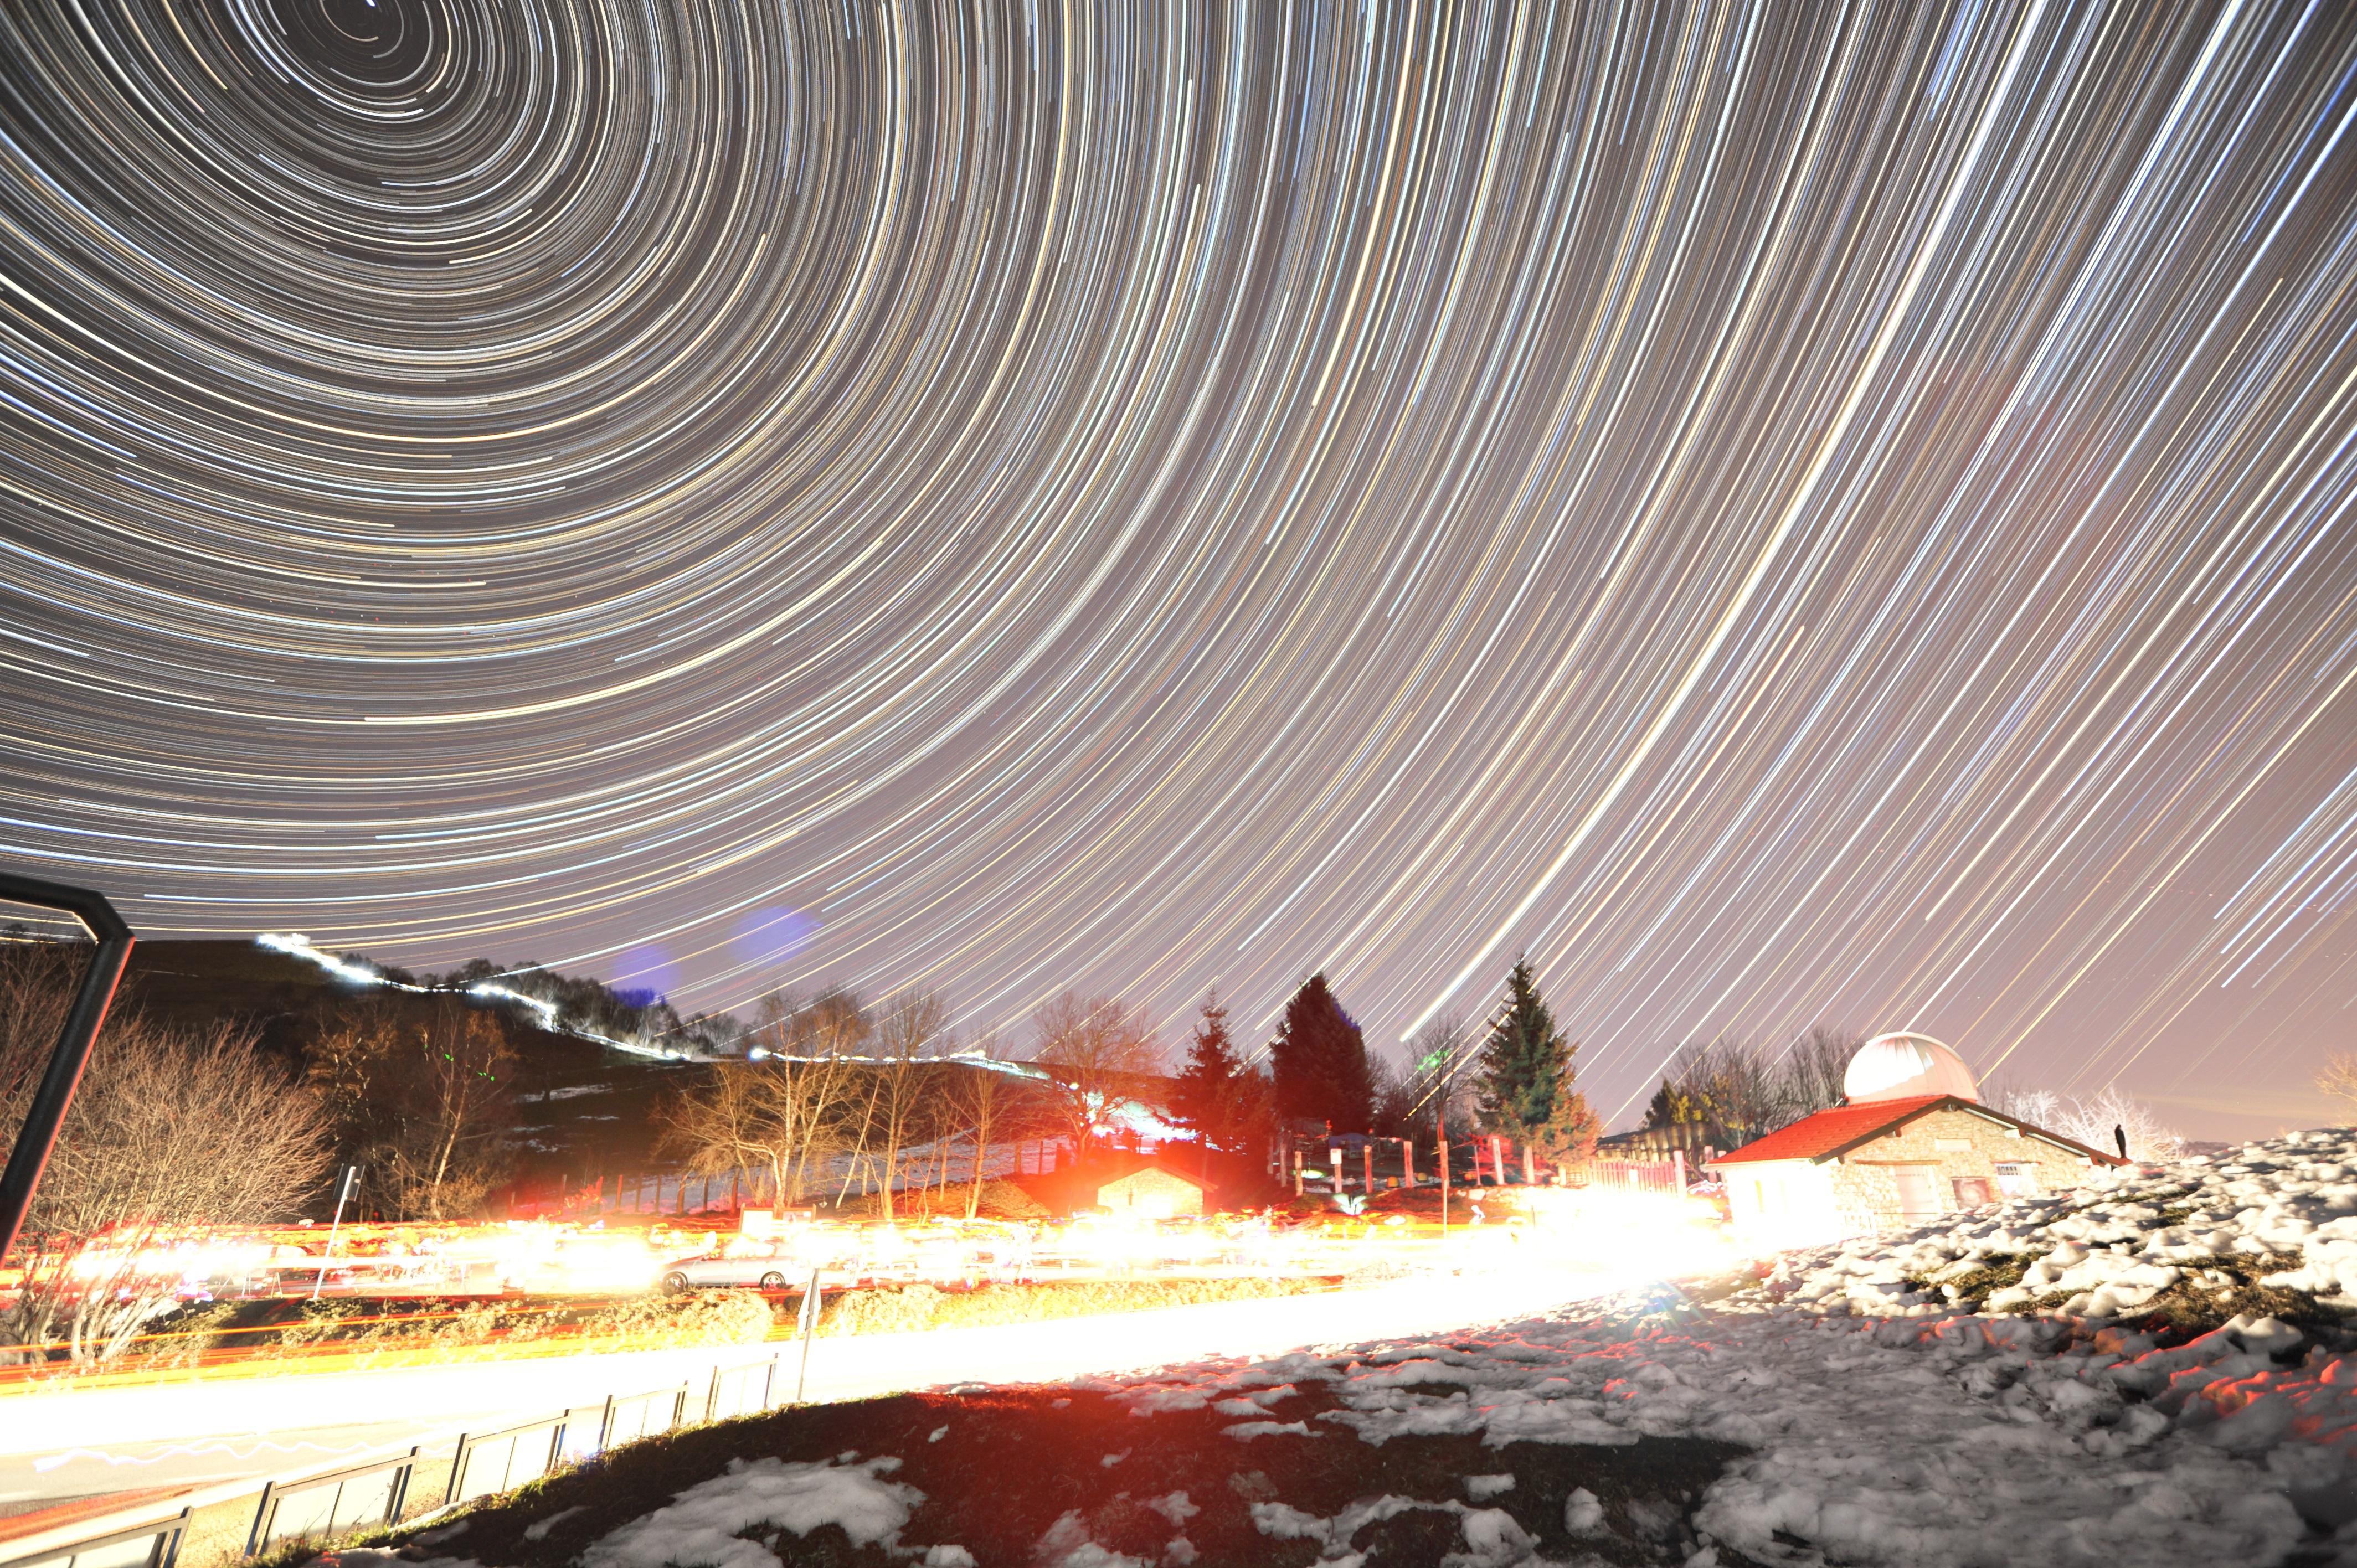 Osservatorio Astronomico Sormano Galleria Fotografica Le Nostre